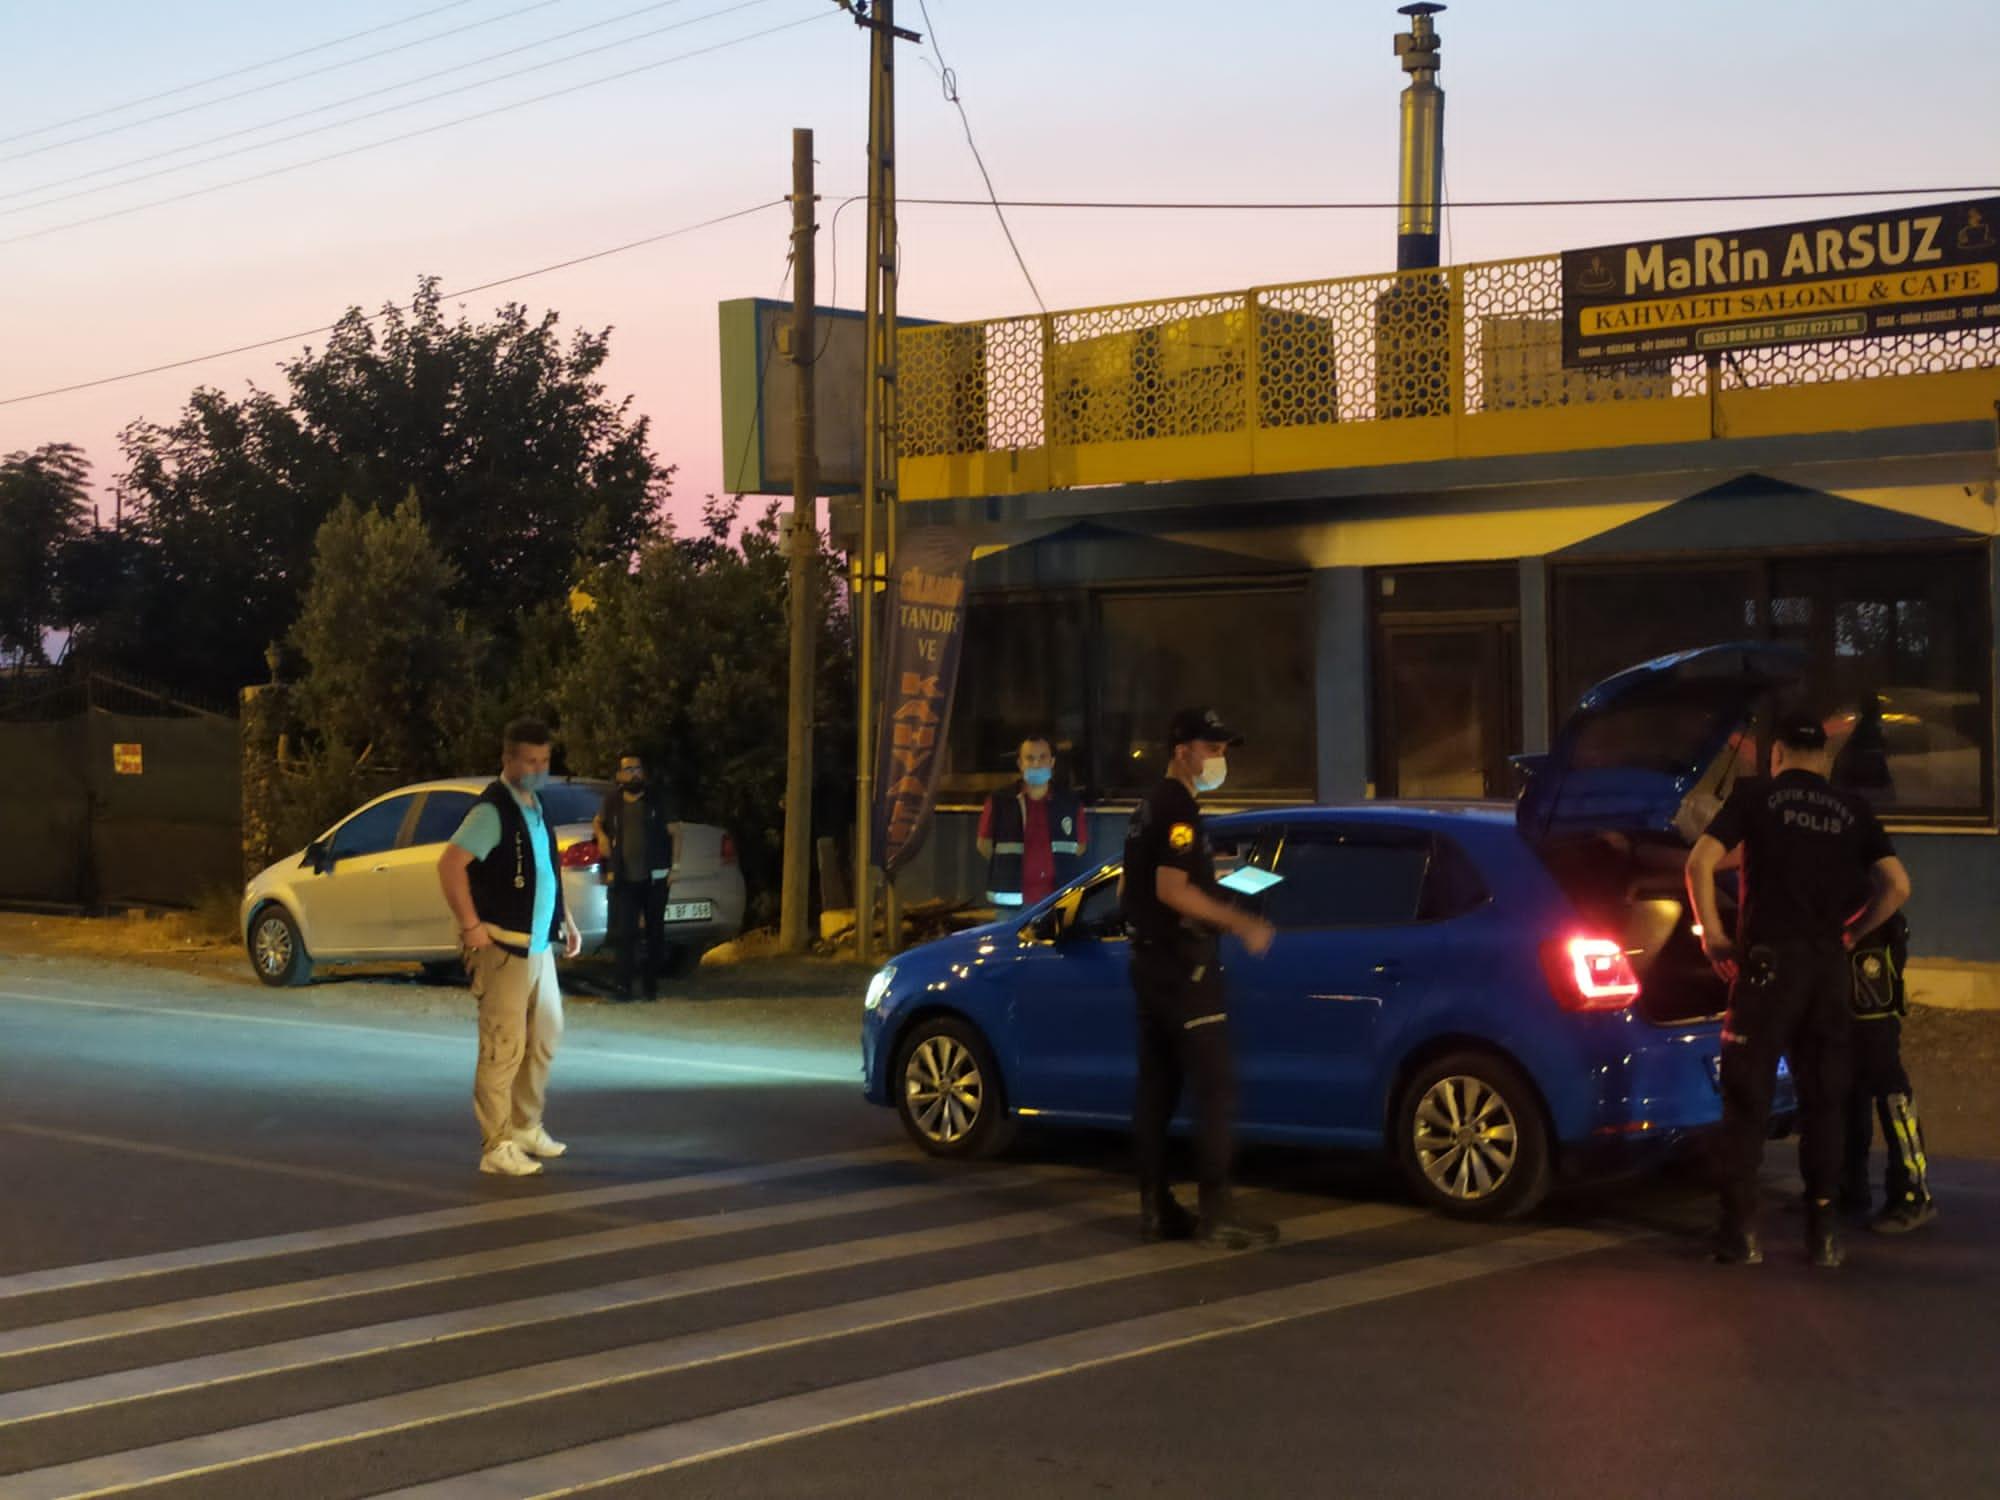 POLİS ARSUZ'DA KUŞ UÇURTMADI !